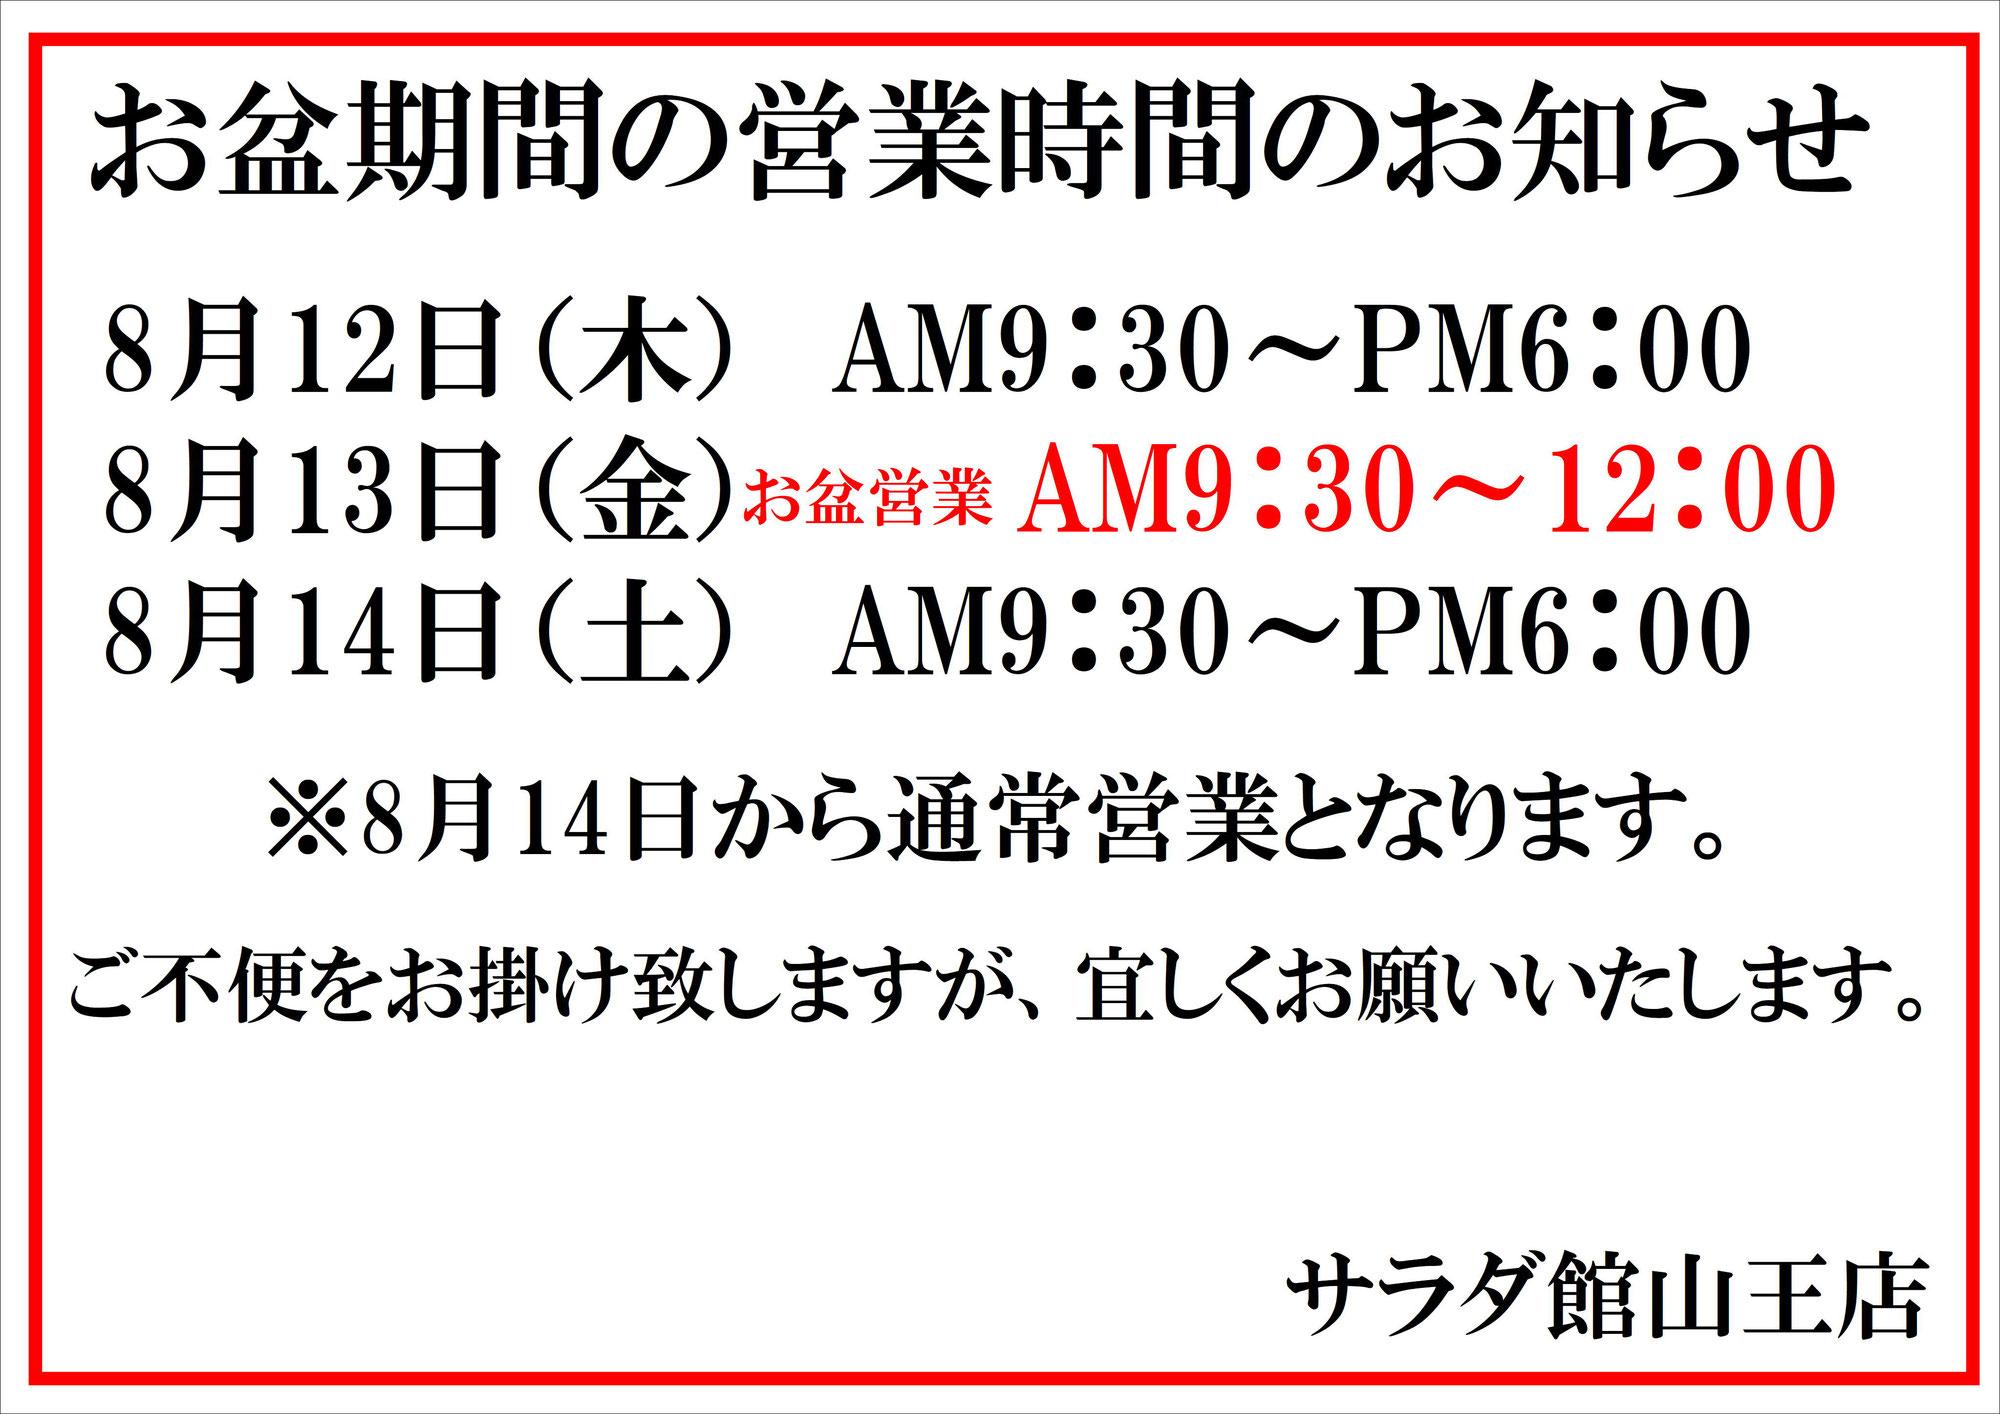 「秋田市生活応援・プレミアム付商品券」が使えま♪